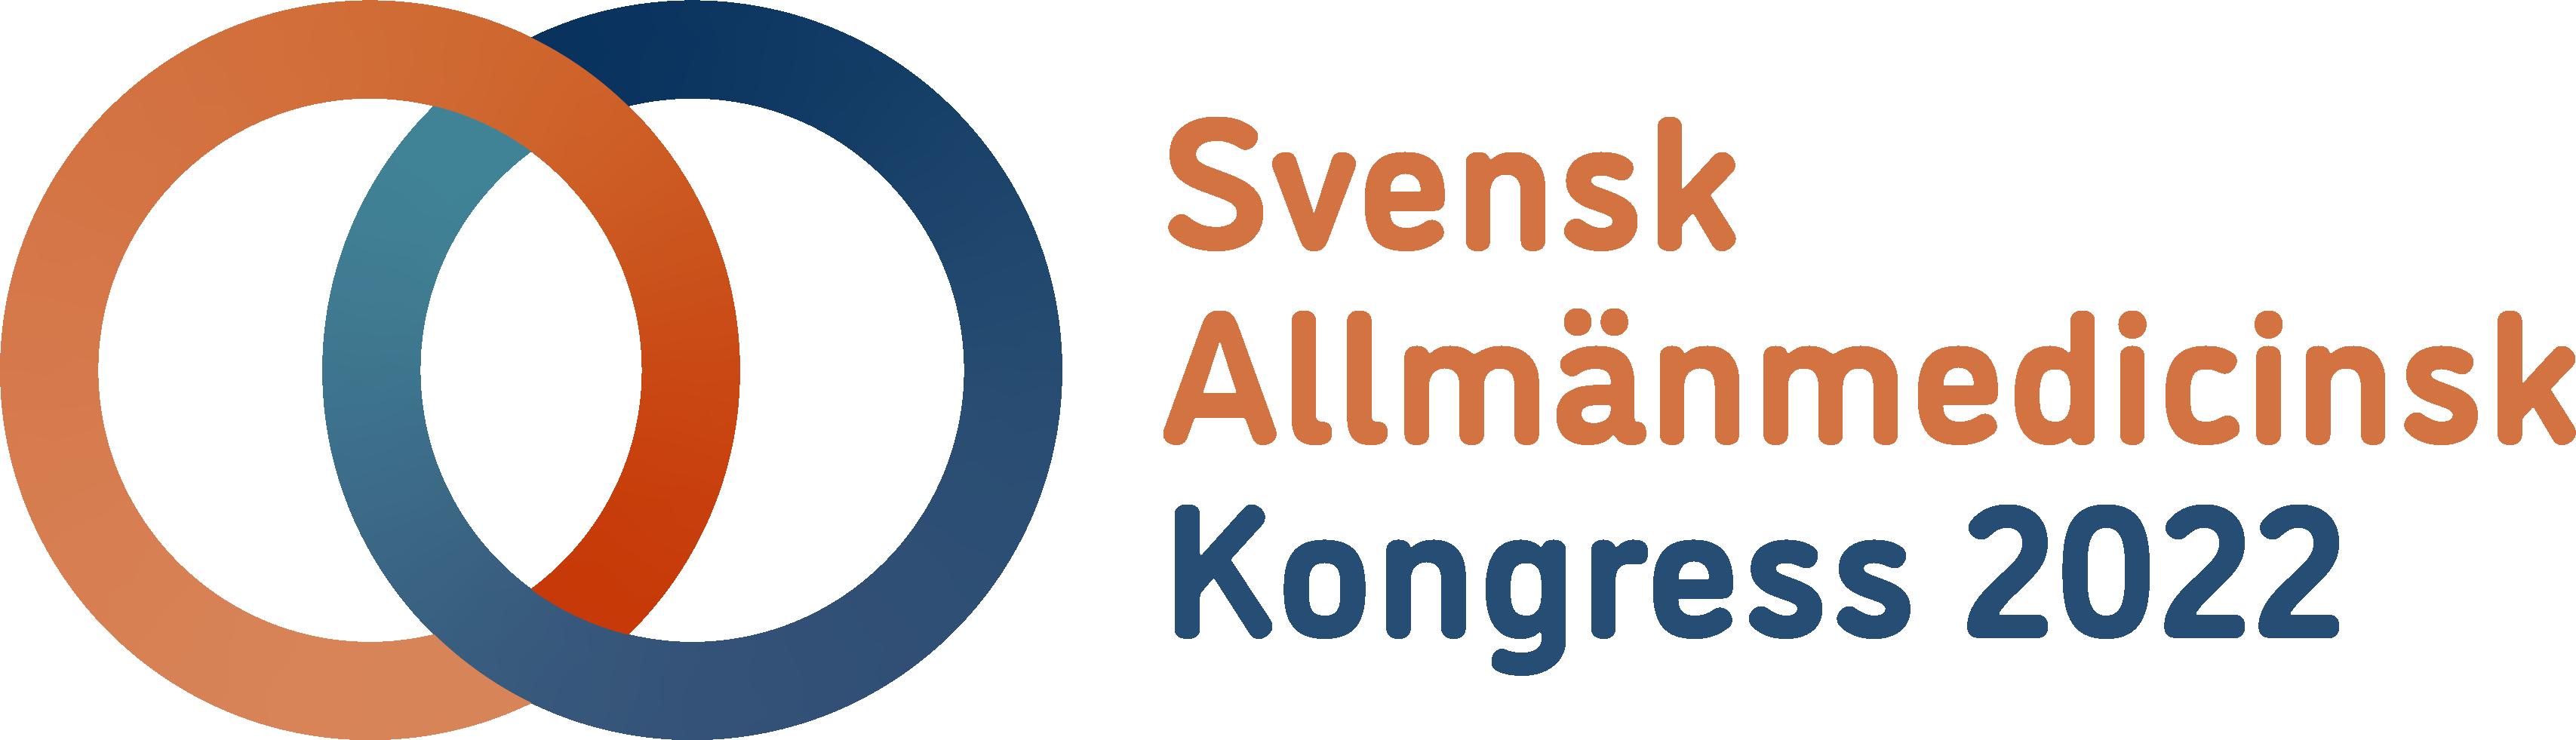 Svensk allmänmedicinsk kongress 2022